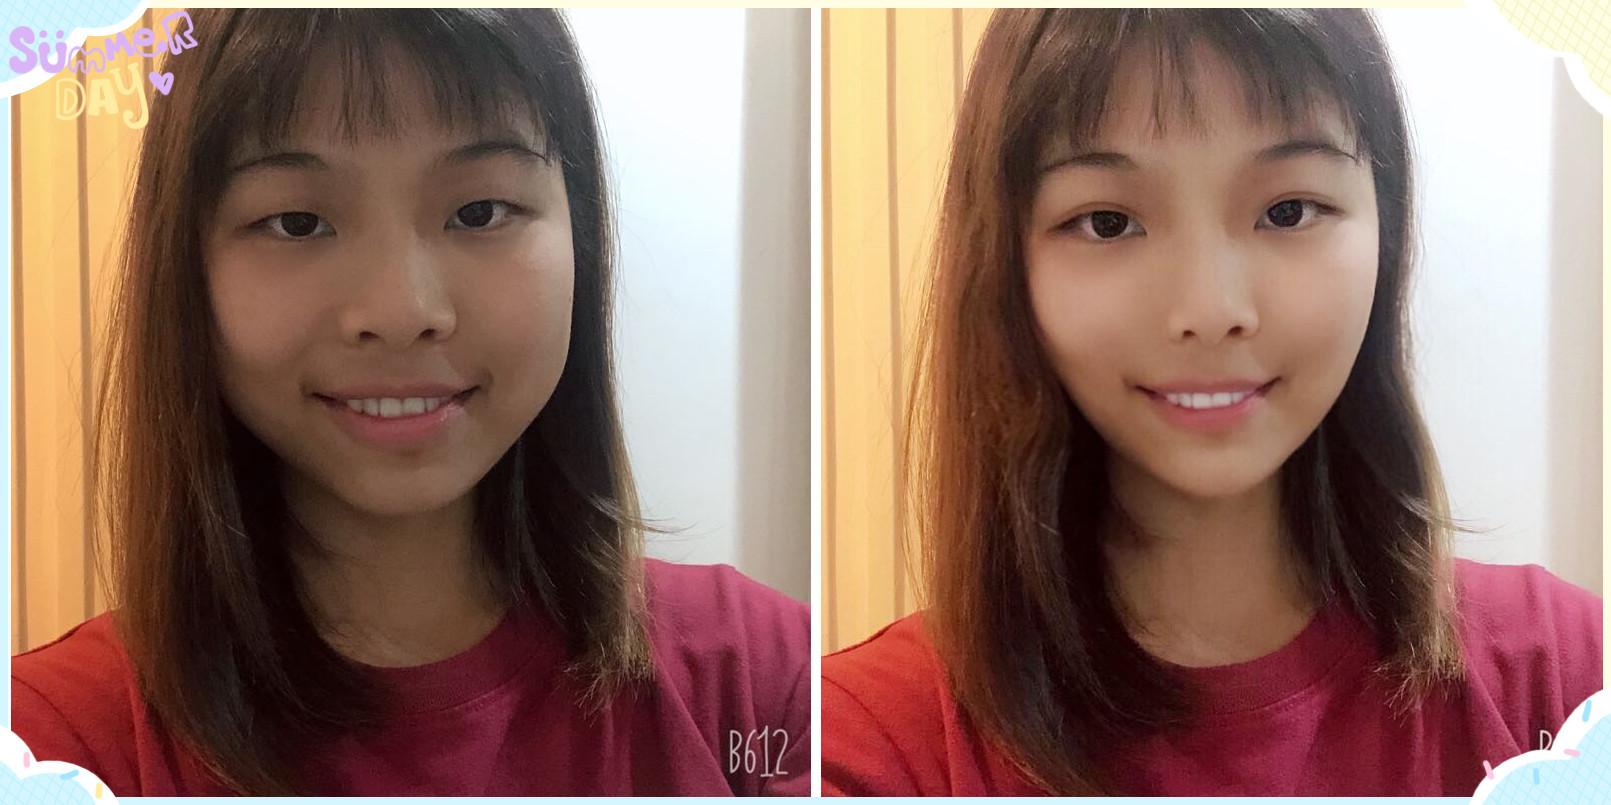 应广东深圳的靓妹要求给模拟了面部吸脂+双眼皮效果图前后对比